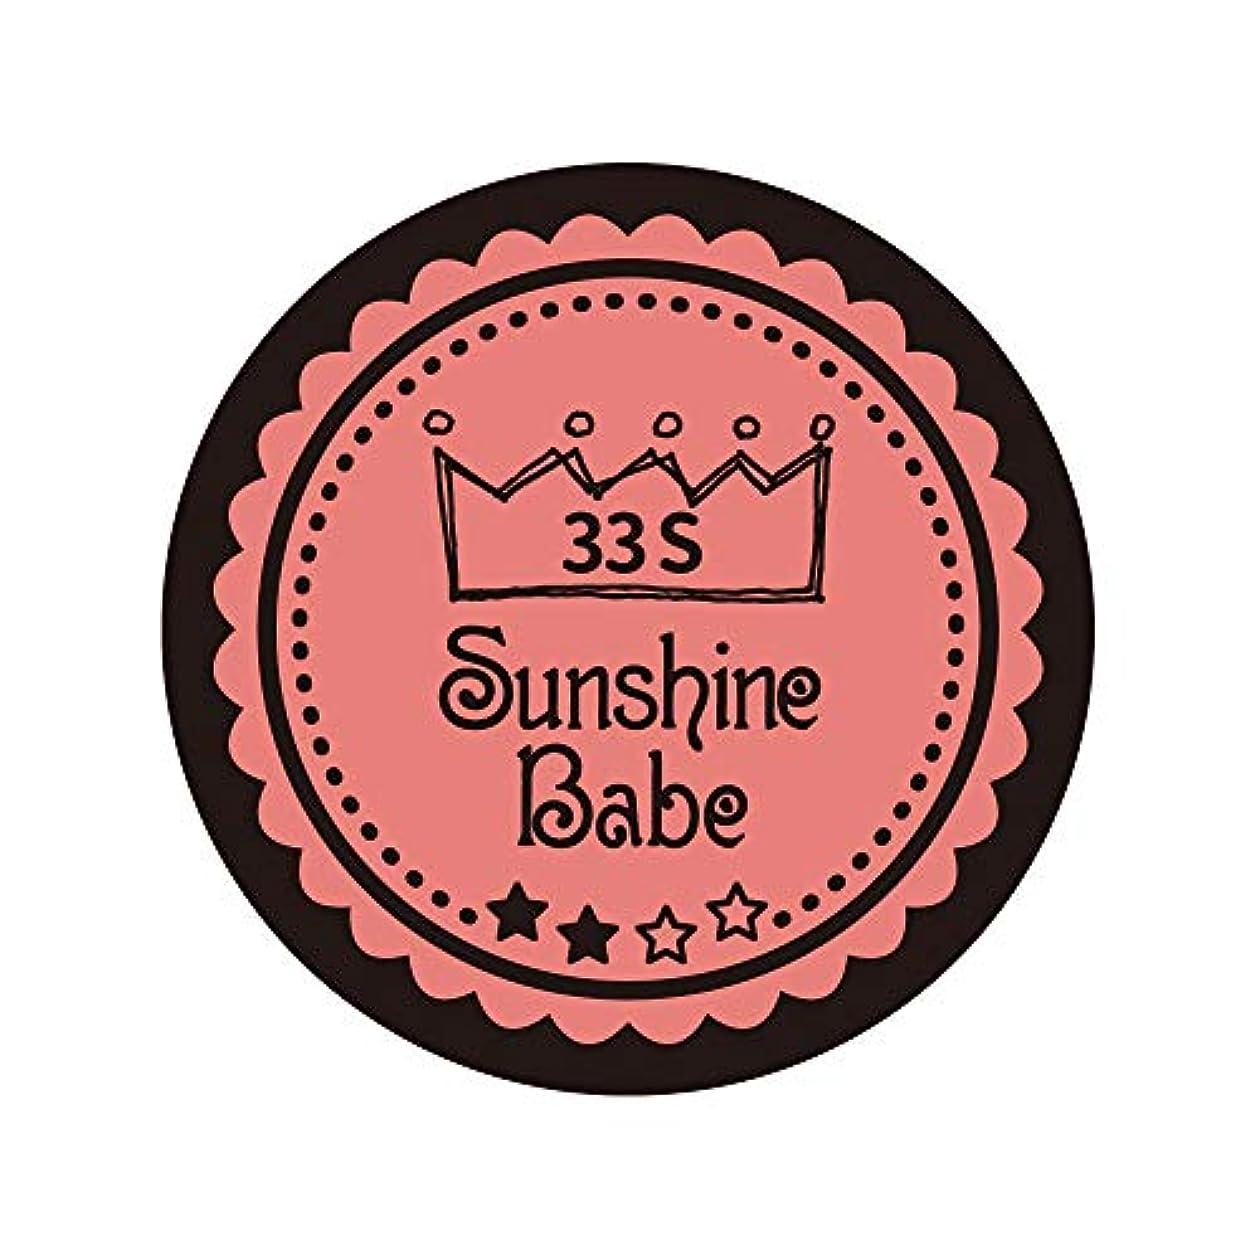 実装する情熱いちゃつくSunshine Babe カラージェル 33S ベイクドコーラルピンク 2.7g UV/LED対応